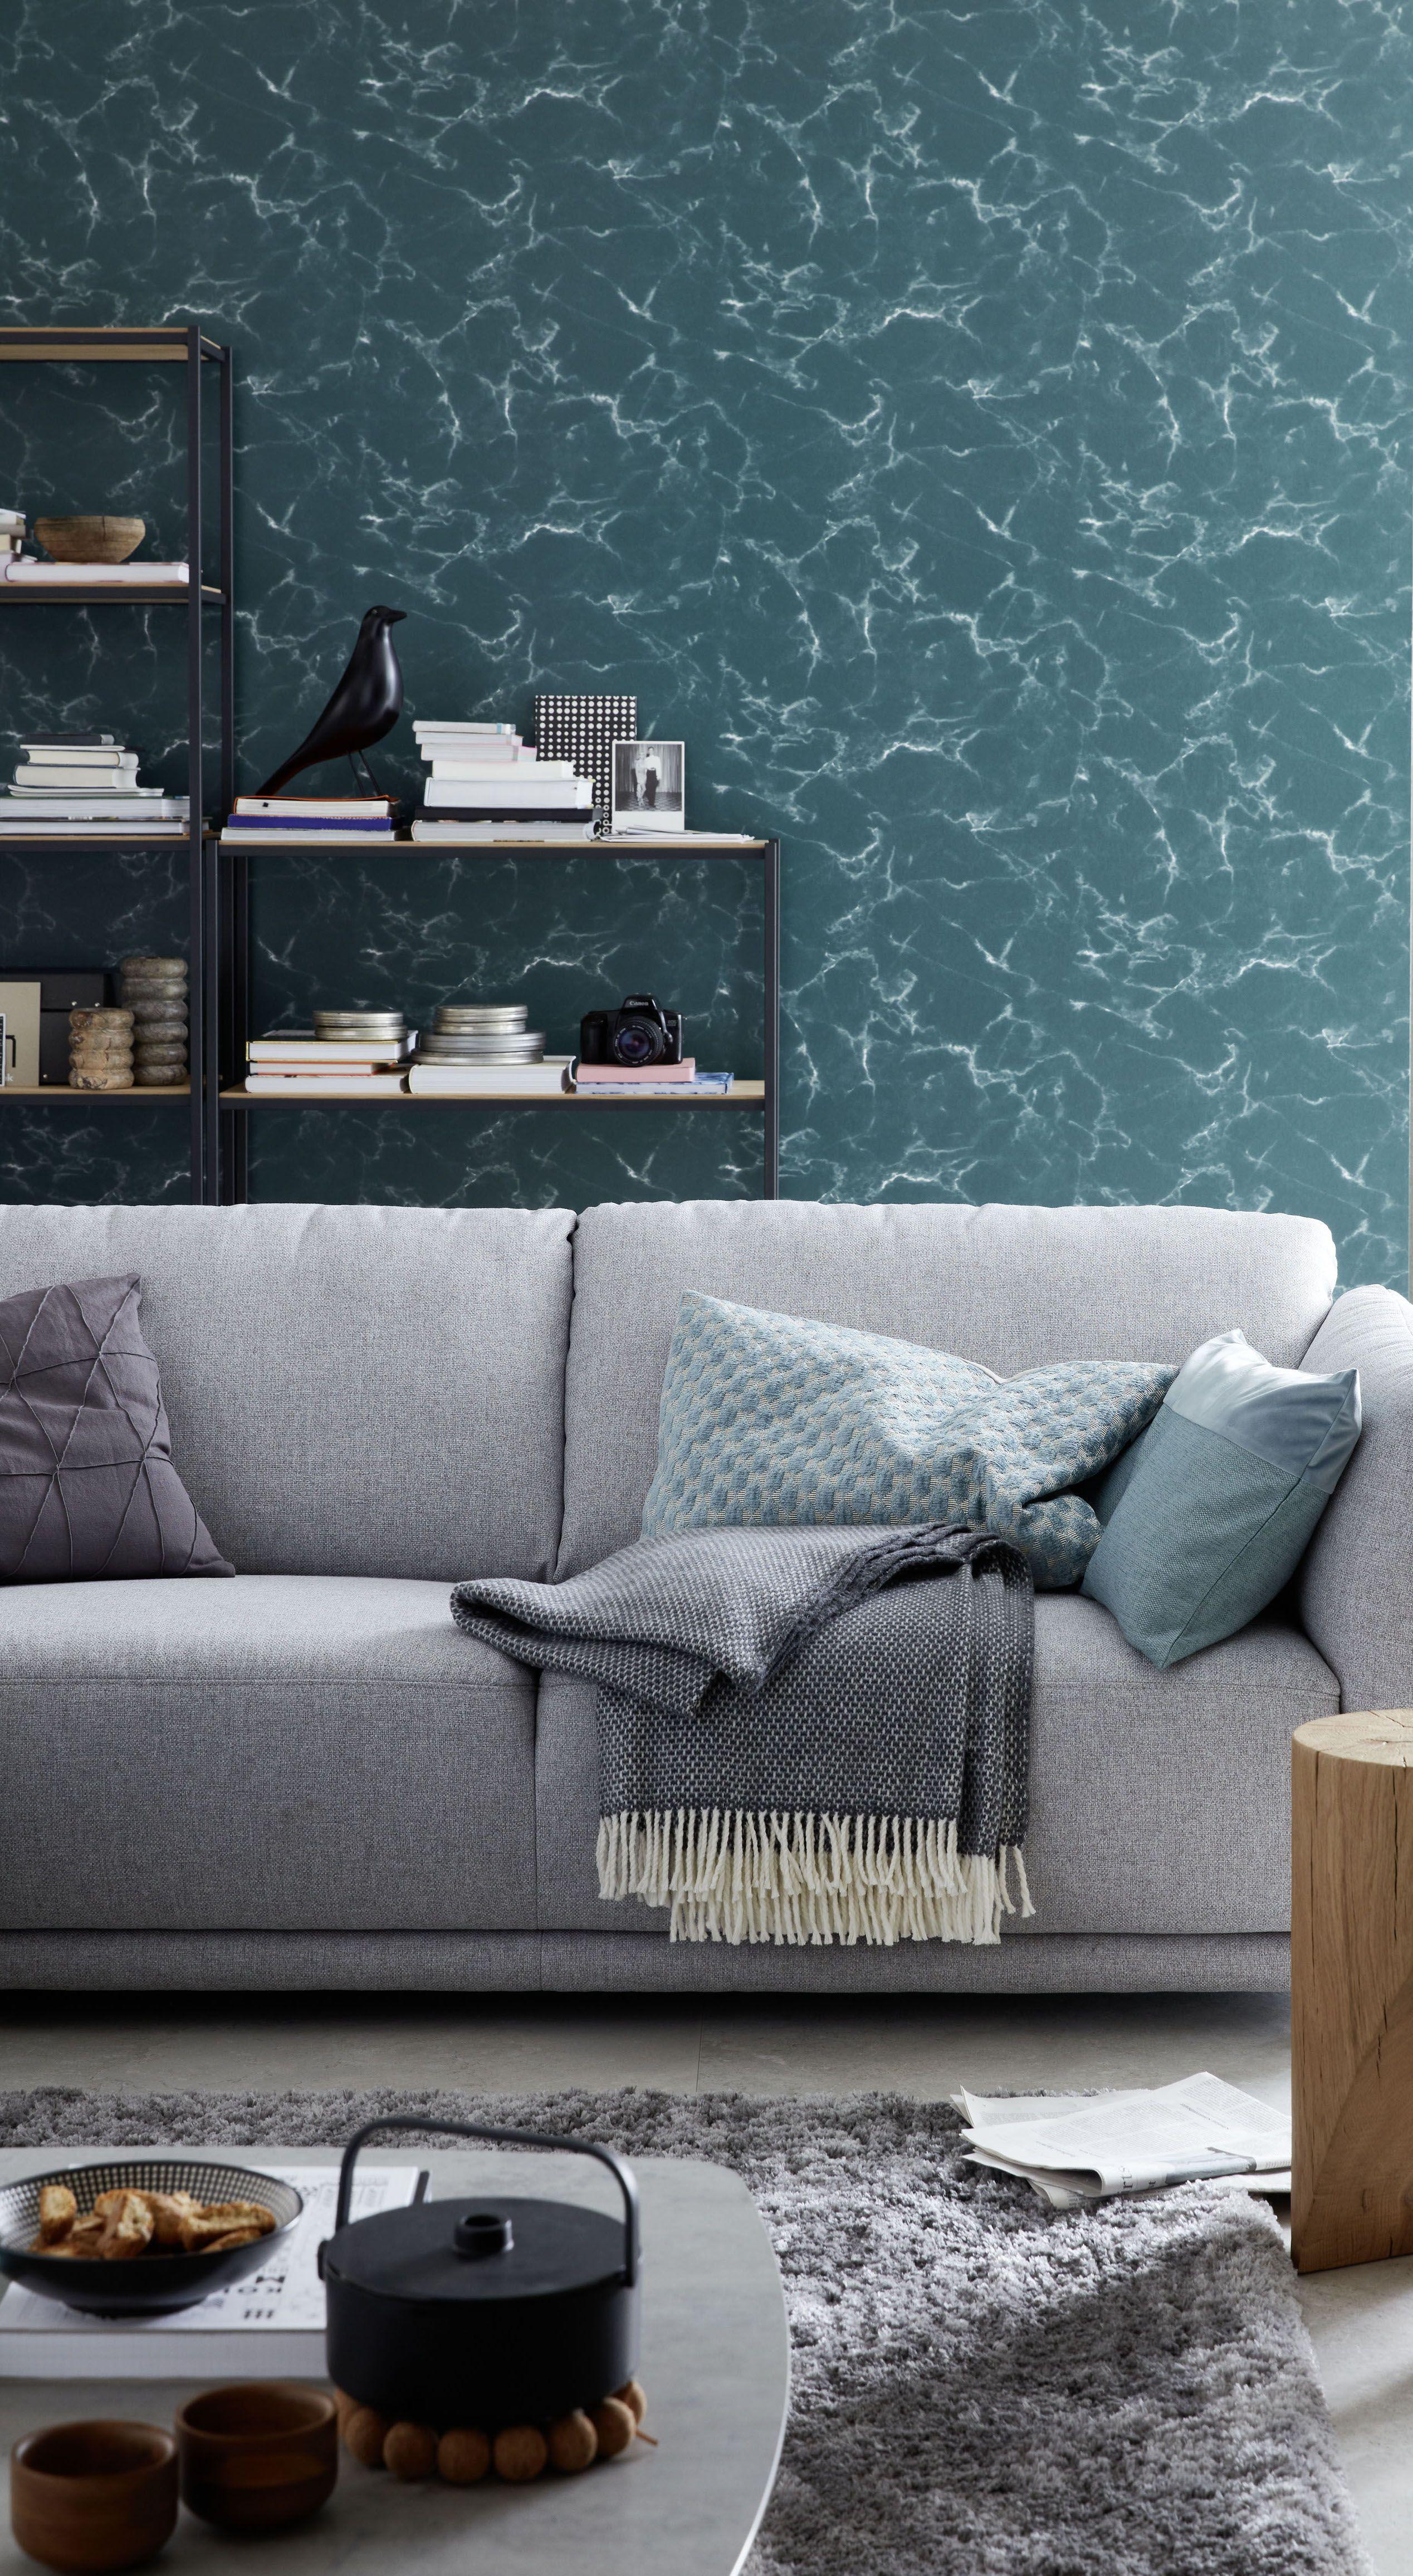 Sofa Ecksofa Grau Wohnzimmer Idee Sofa Metropolitan Schoner Wohnen Kollektion In 2020 Sofa Schoner Wohnen Wohnzimmer Grau